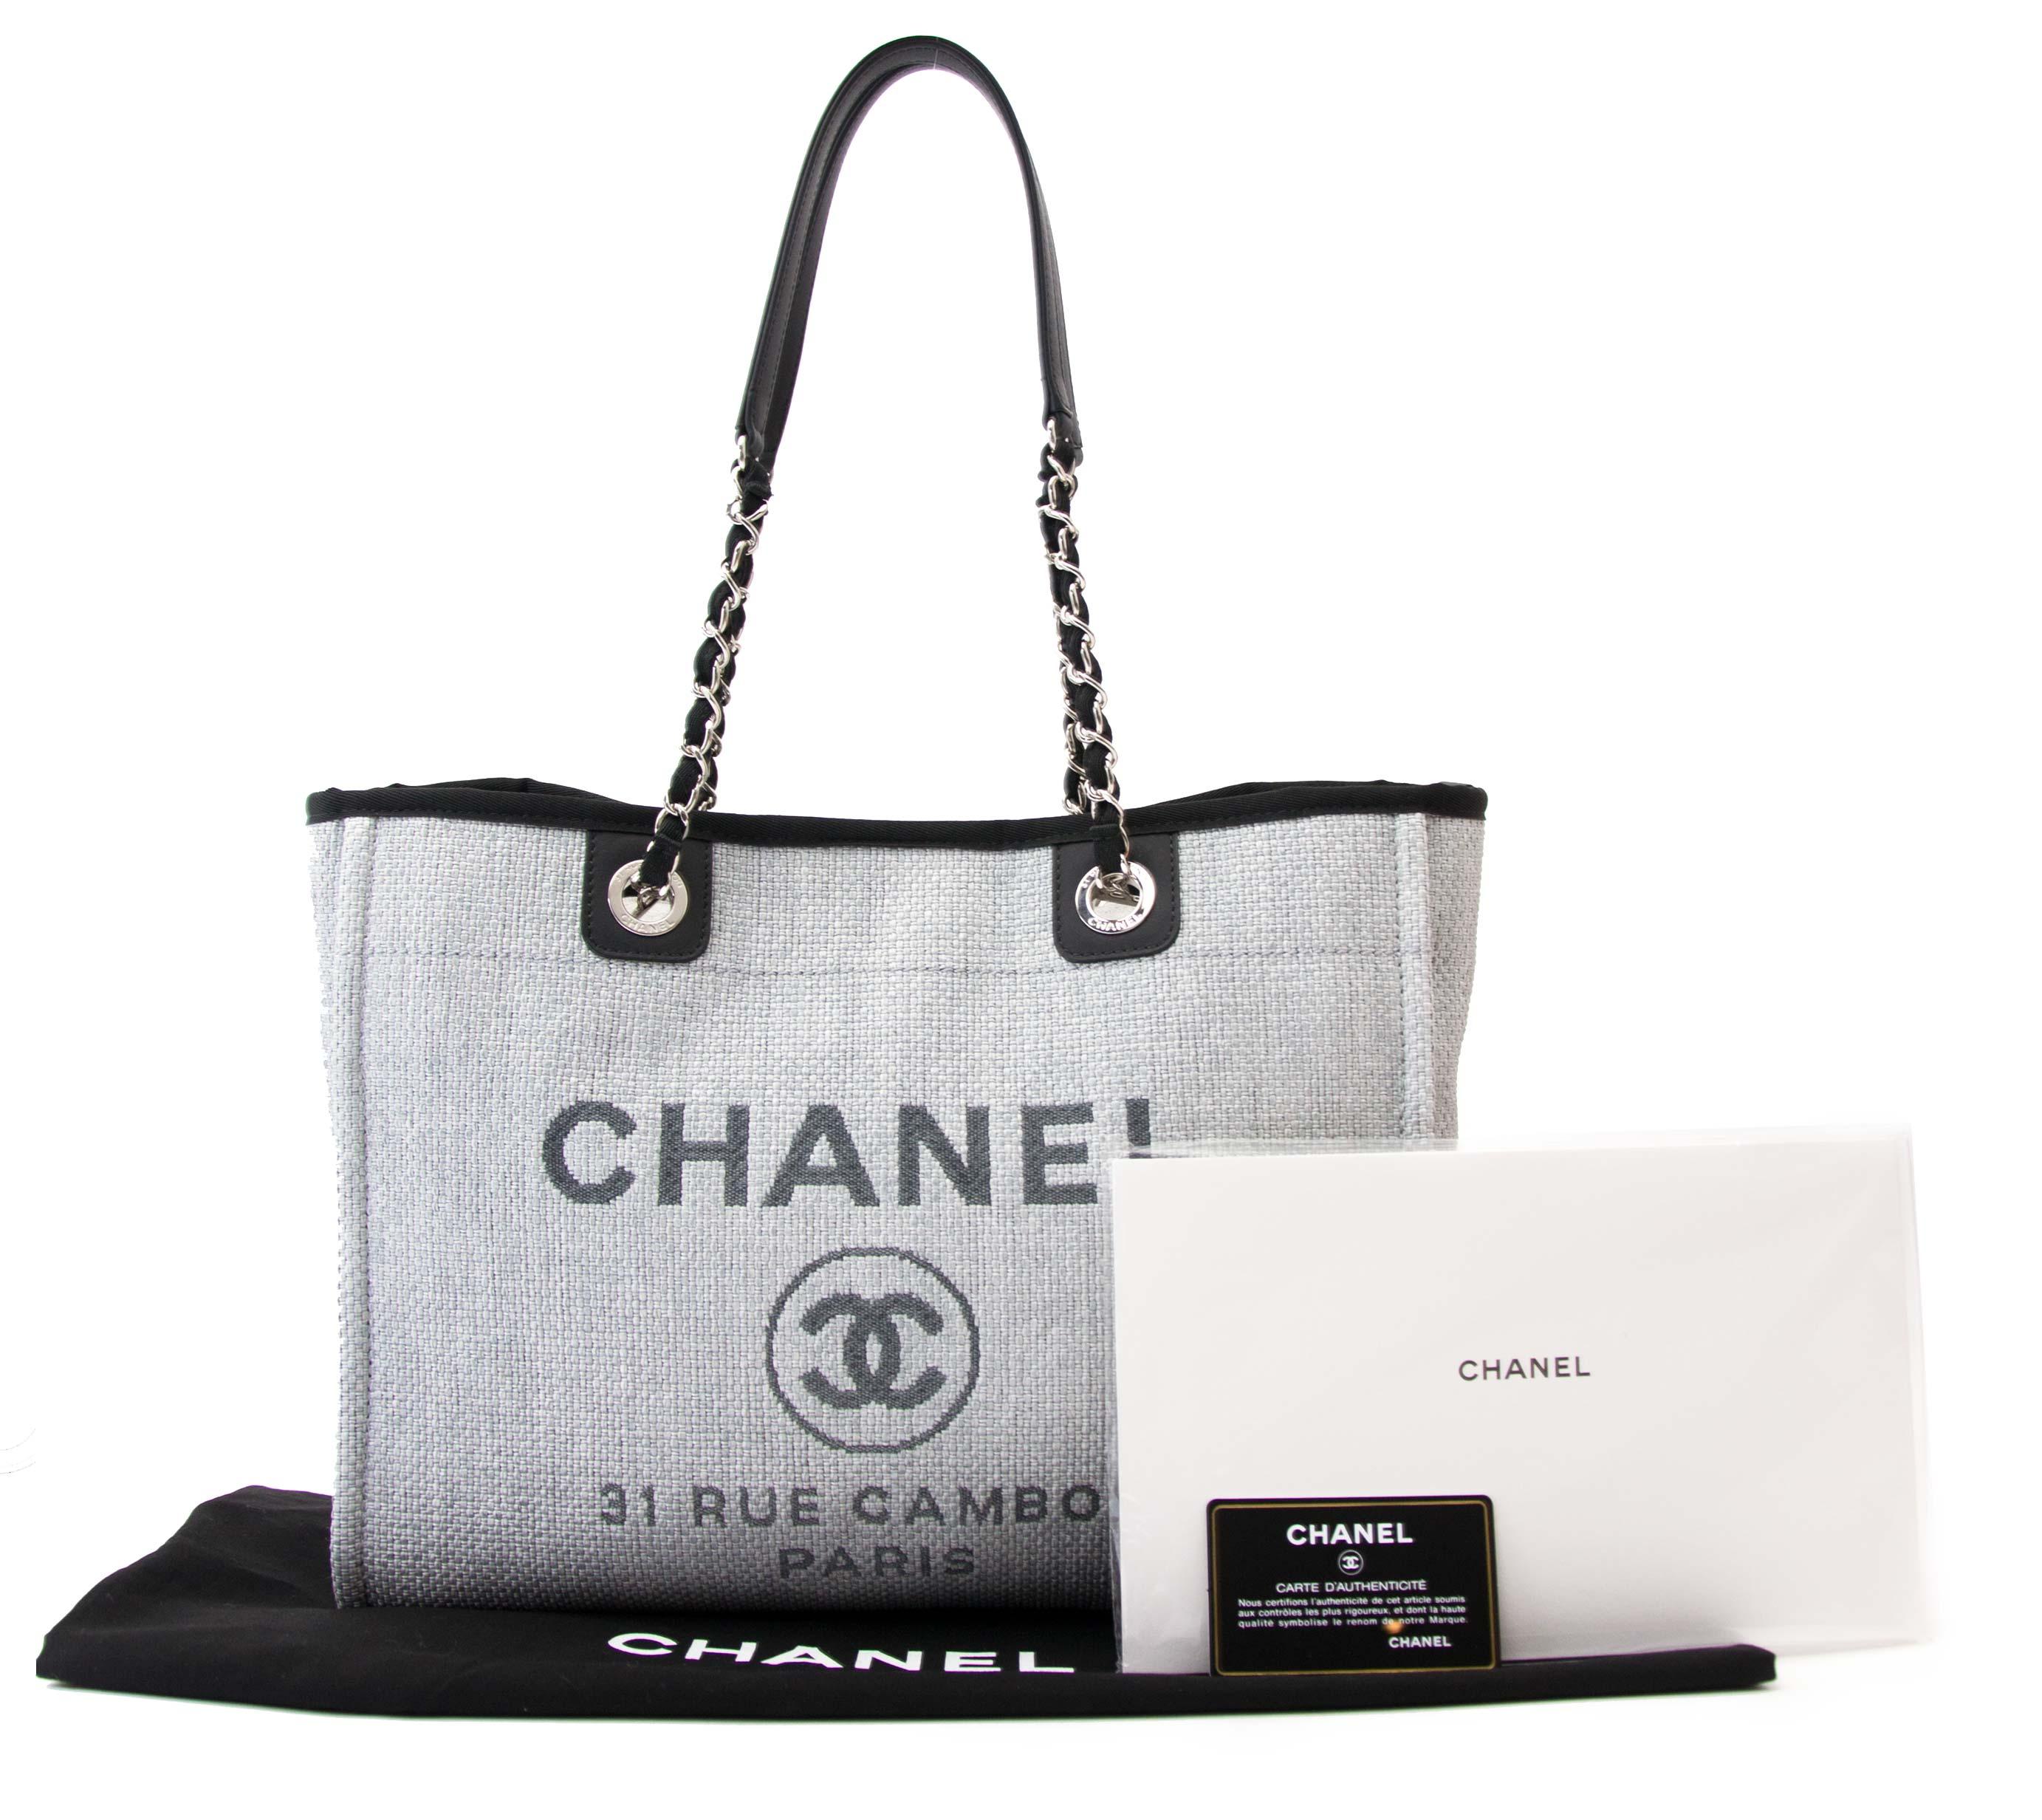 Acheter votre sac Chanel Deauville 31 Rue Cambon Tote Bag